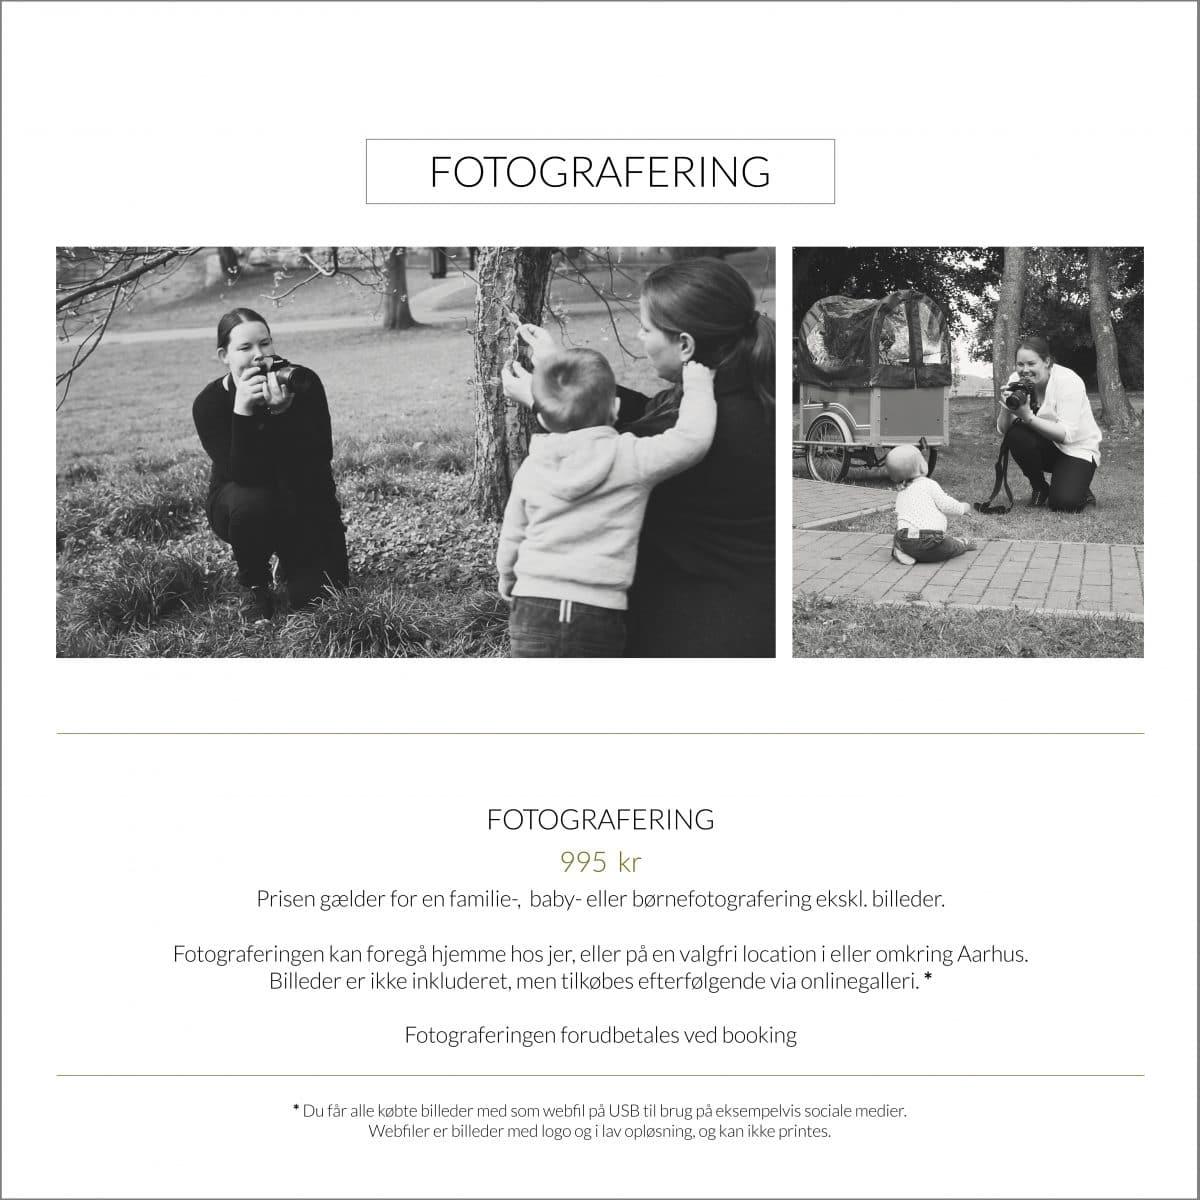 Fotografering  995  kr. Prisen gælder for en familie-,  baby- eller børnefotografering ekskl. billeder.  Fotograferingen kan foregå hjemme hos jer, eller på en valgfri location i eller omkring Aarhus. Billeder er ikke inkluderet, men tilkøbes efterfølgende via onlinegalleri. Fotograferingen forudbetales ved booking